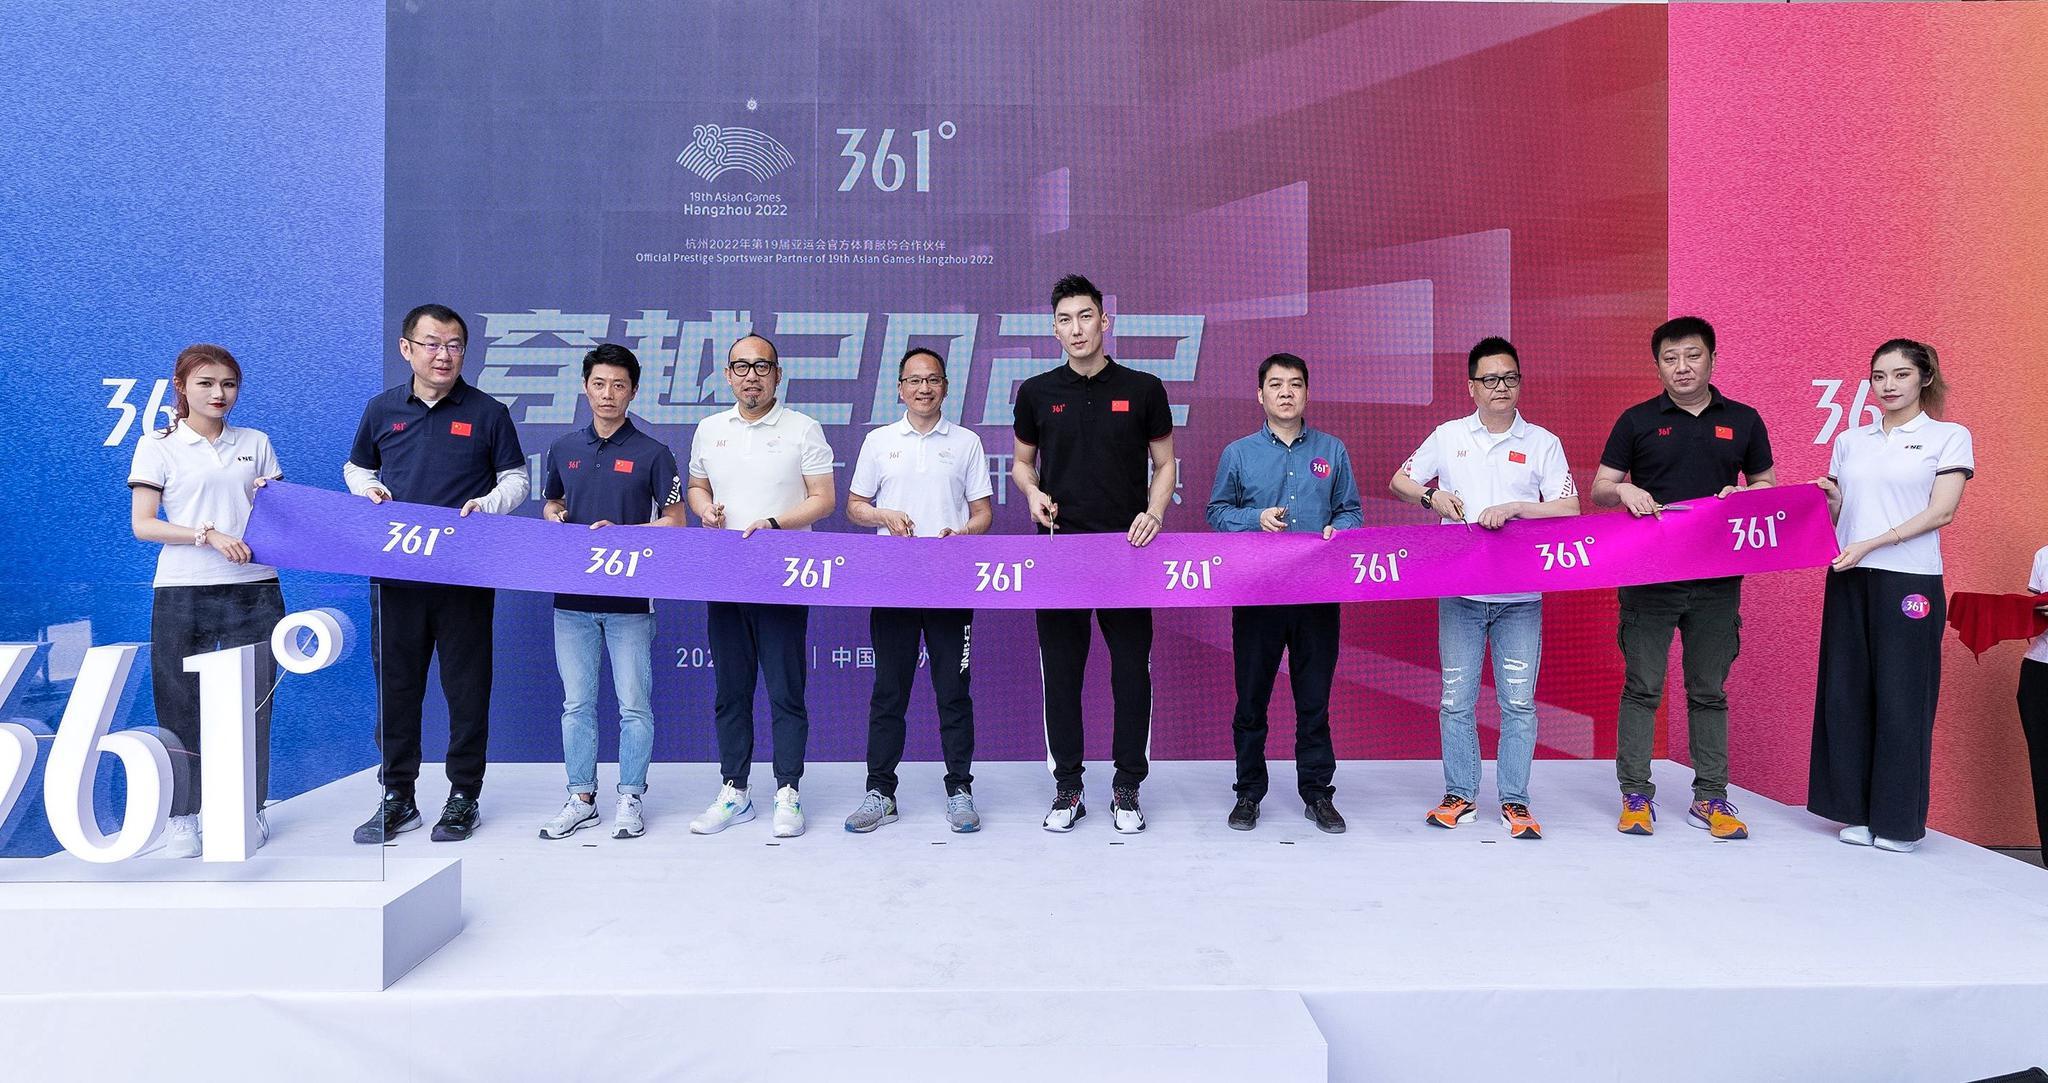 361°杭州亚运旗舰店开业,可兰白克·马坎说终于见到白天的杭州了